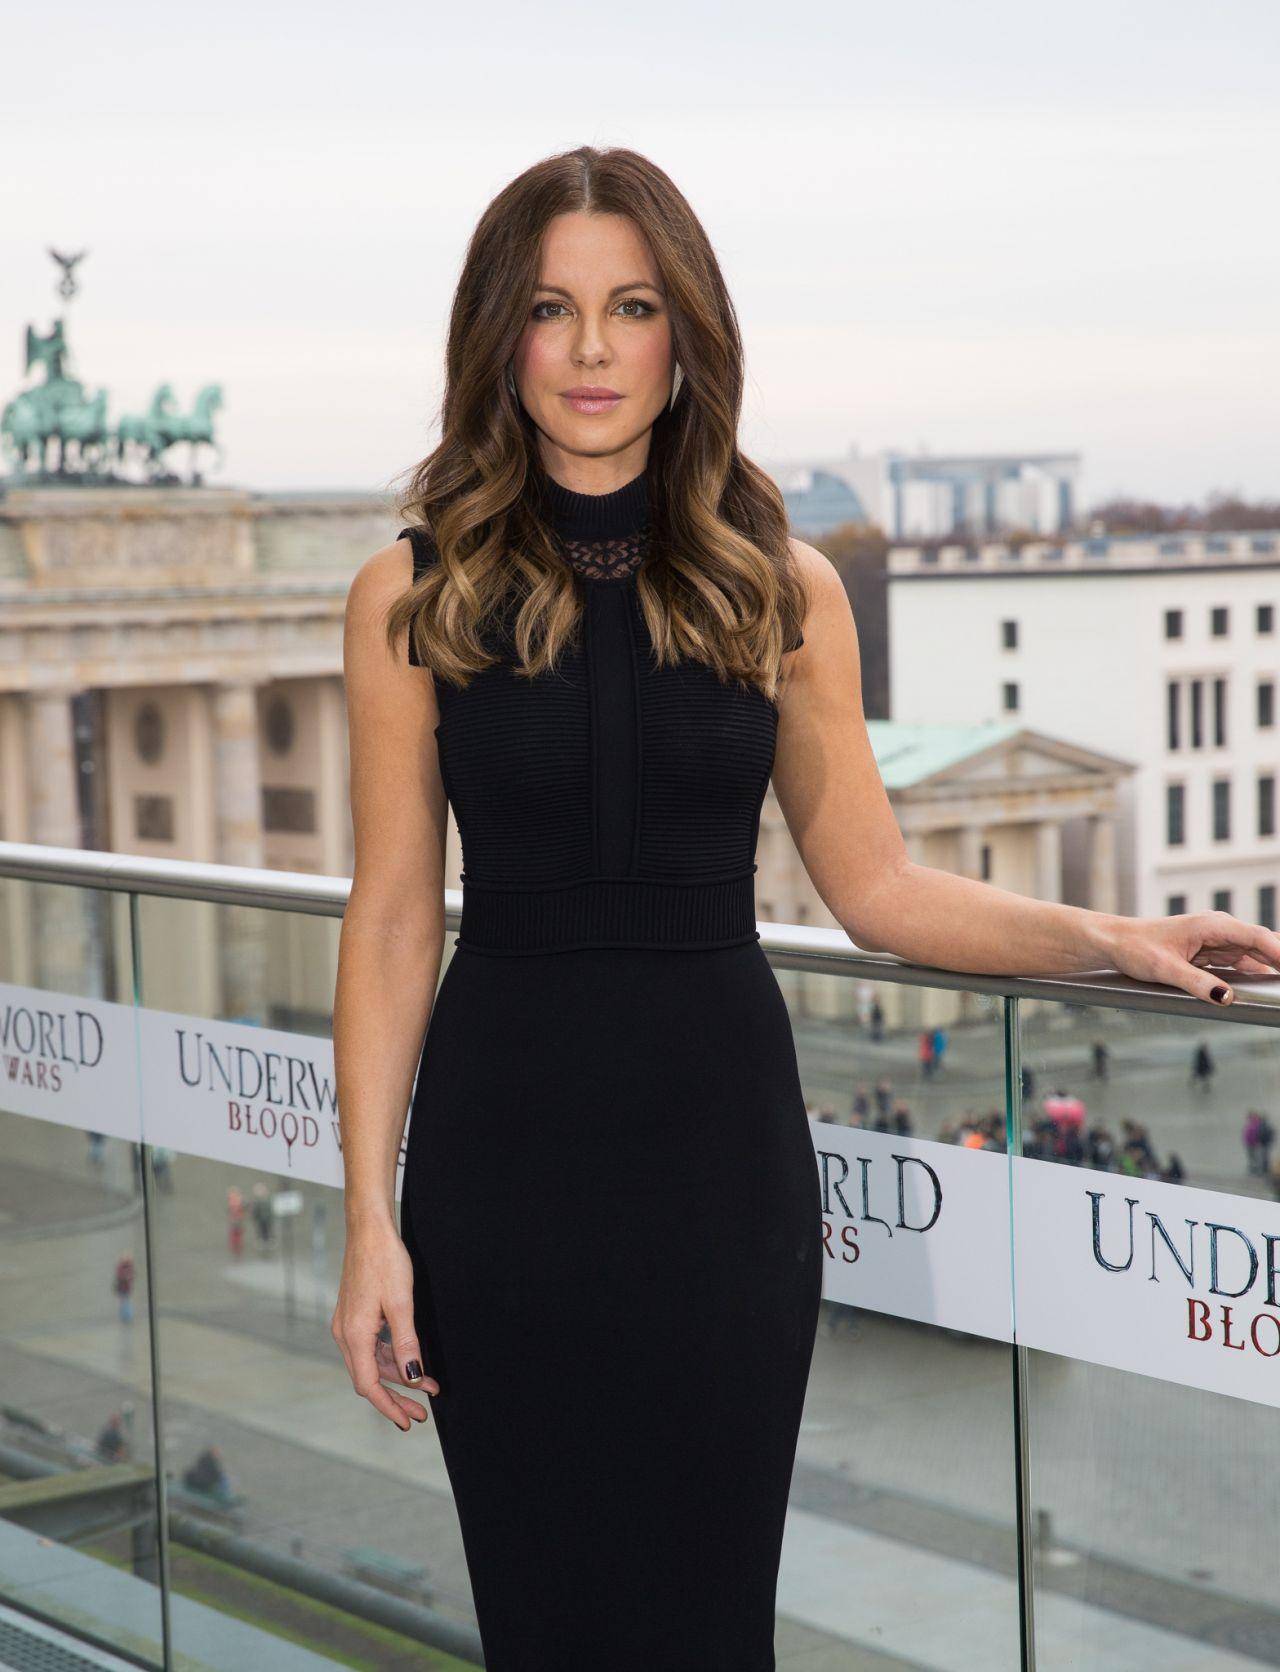 Kate Beckinsale Underworld Blood Wars Photocall In